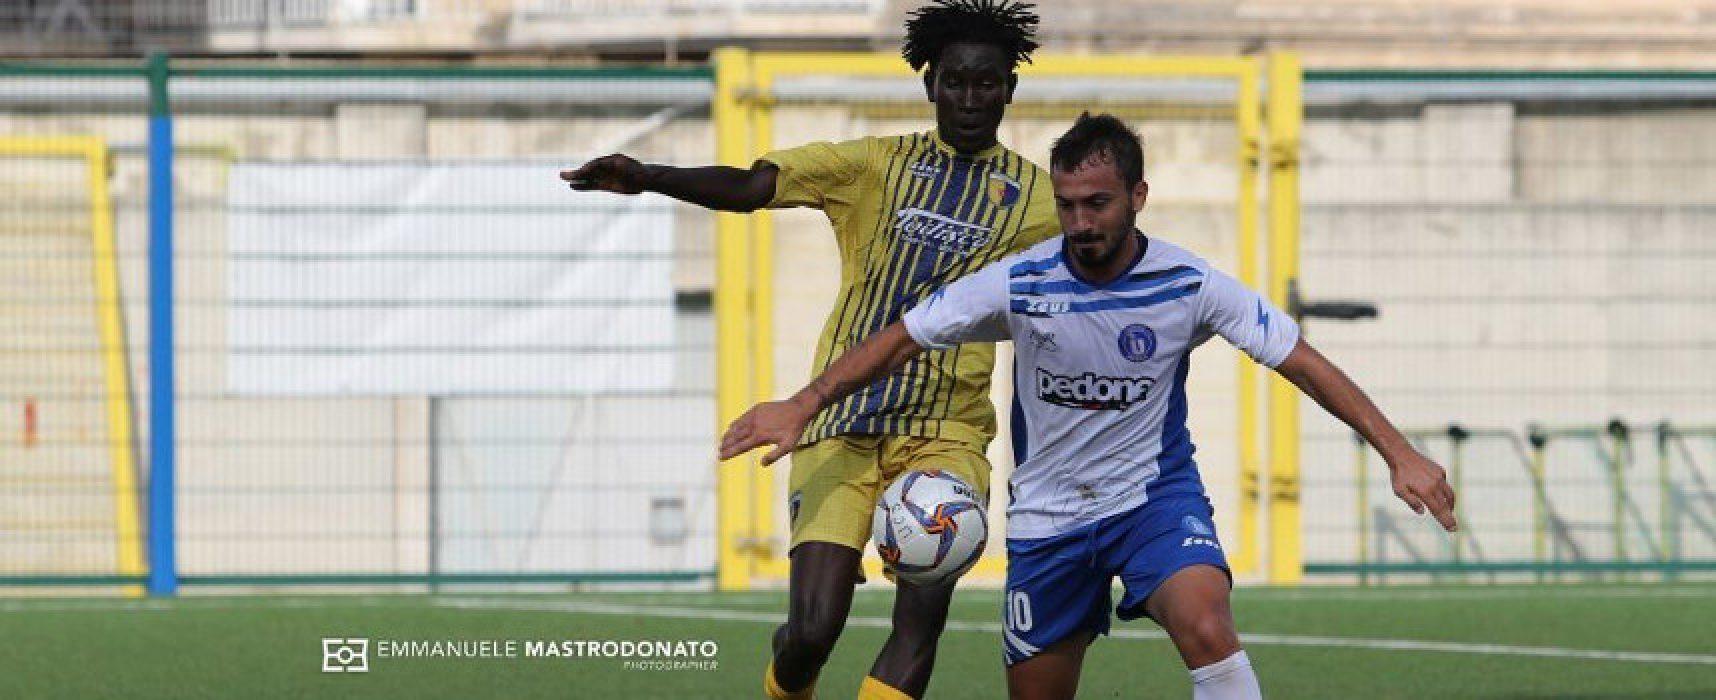 Unione Calcio, sfida difficile e stimolante contro il Casarano